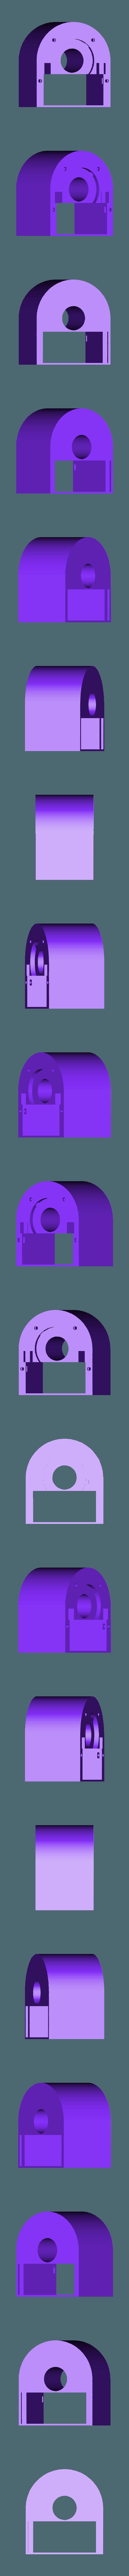 1904-07_Part11.stl Télécharger fichier STL gratuit Serrure imprimée 3D • Objet imprimable en 3D, EL3D